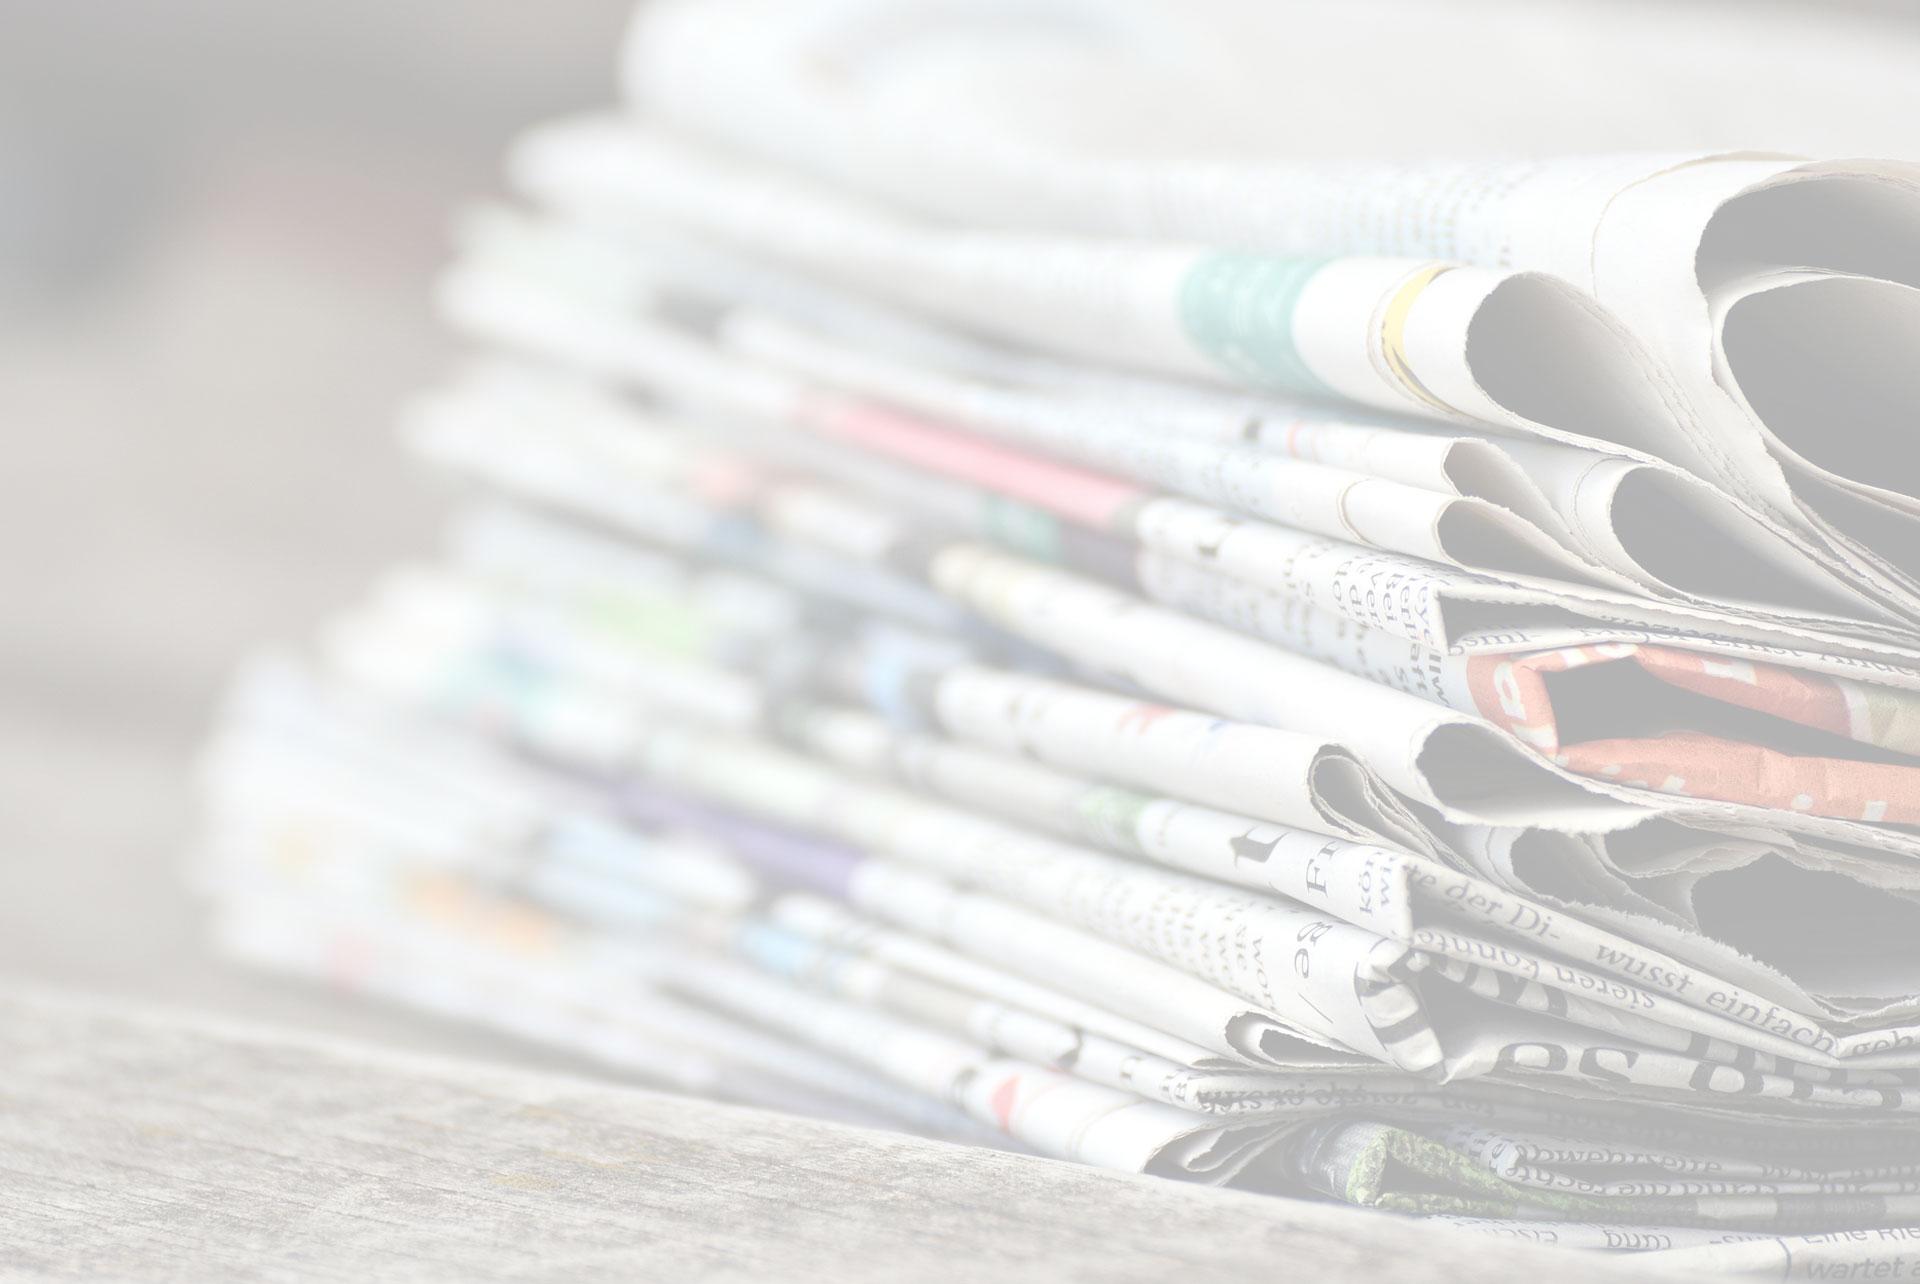 Sgravi fiscali acquisto prima casa - Onorari notarili acquisto prima casa ...